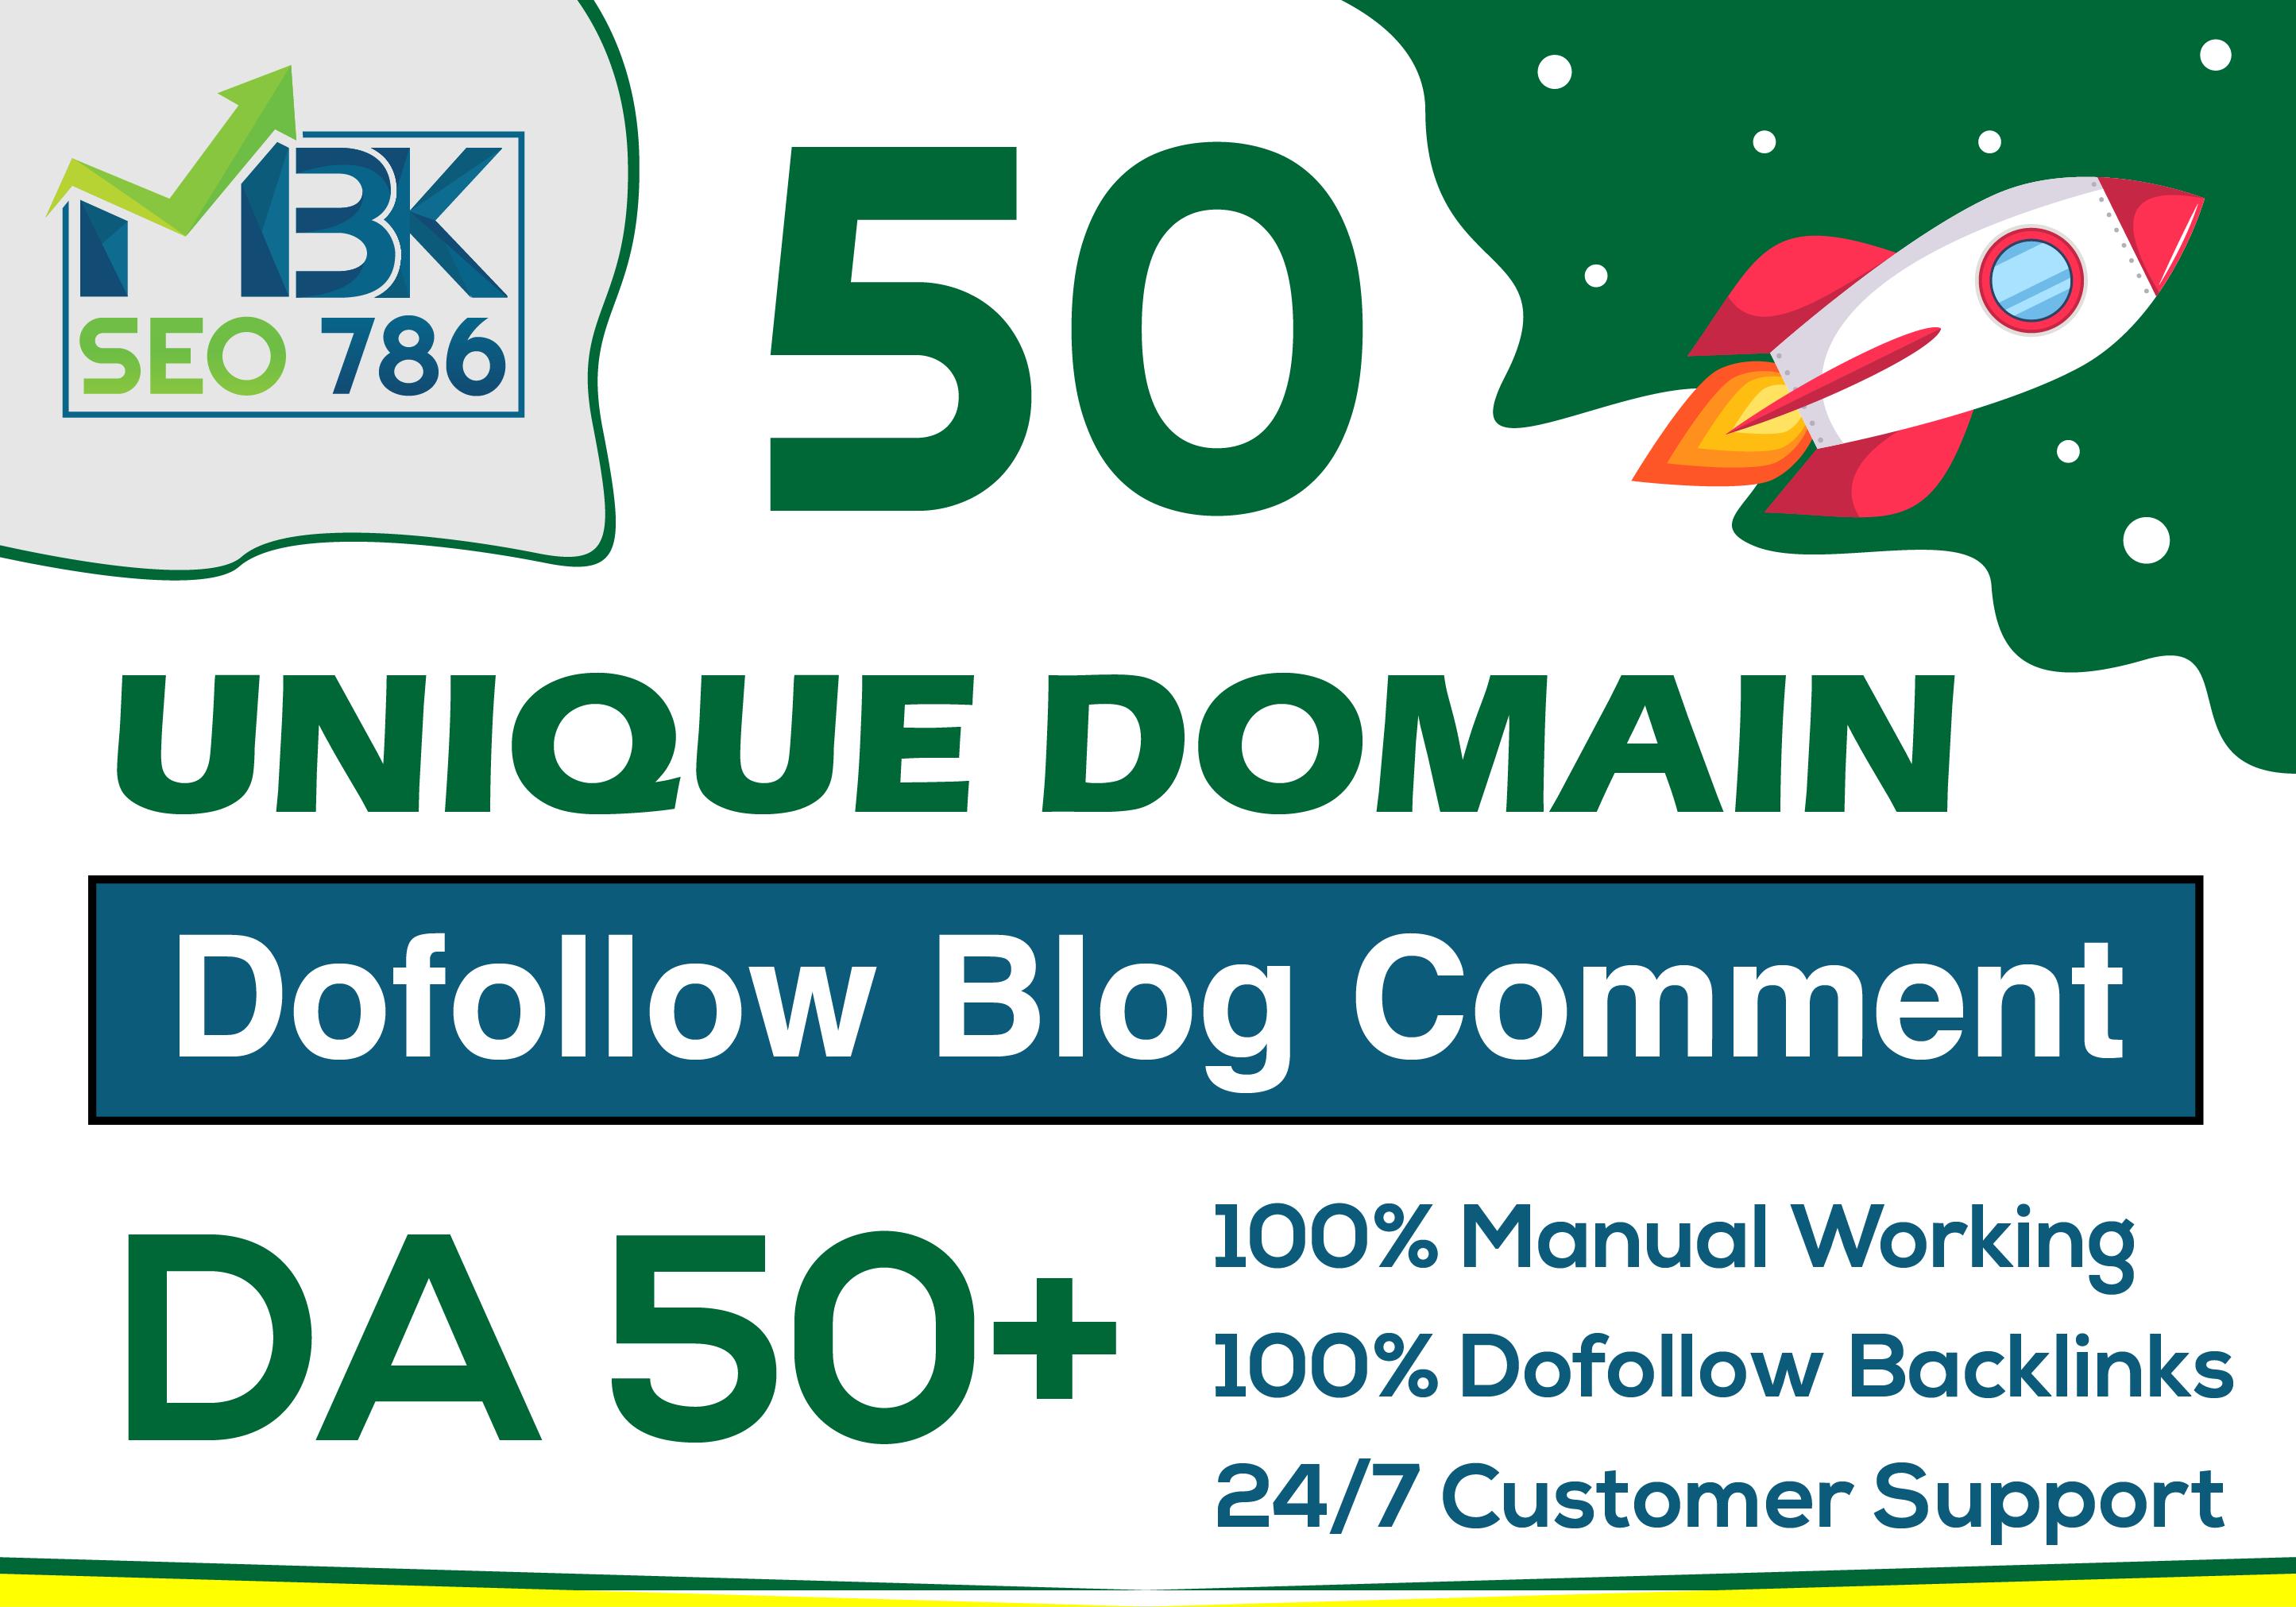 50 Unique Domain Dofollow Blog Comments with DA 50 plus